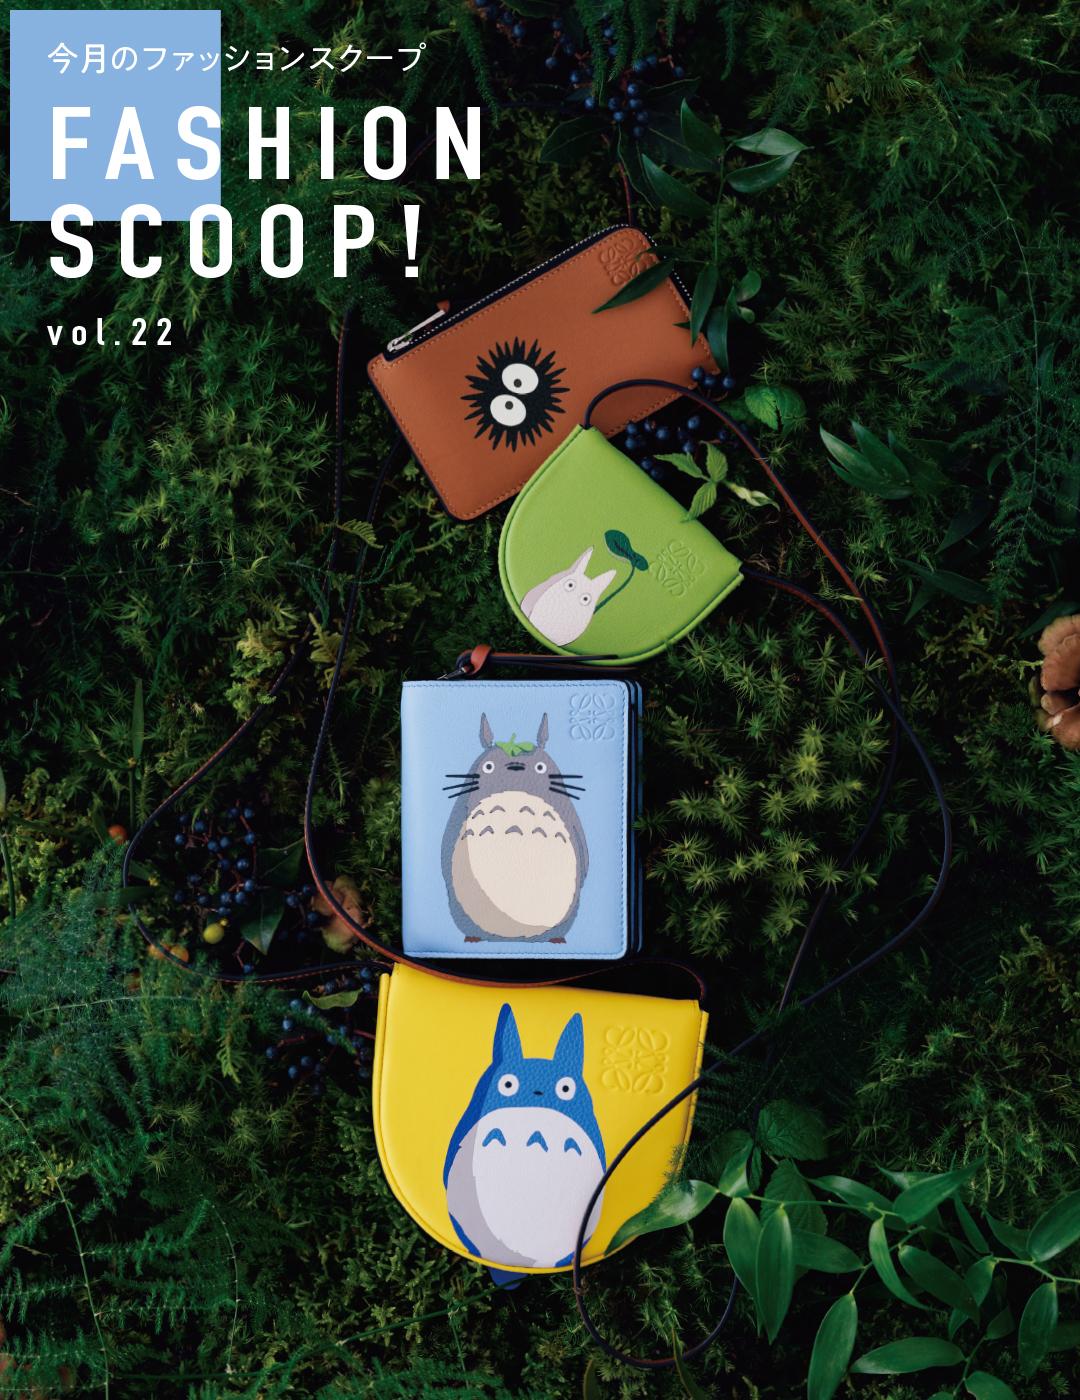 今月のファッションスクープ FASHION SCOOP! vol.22